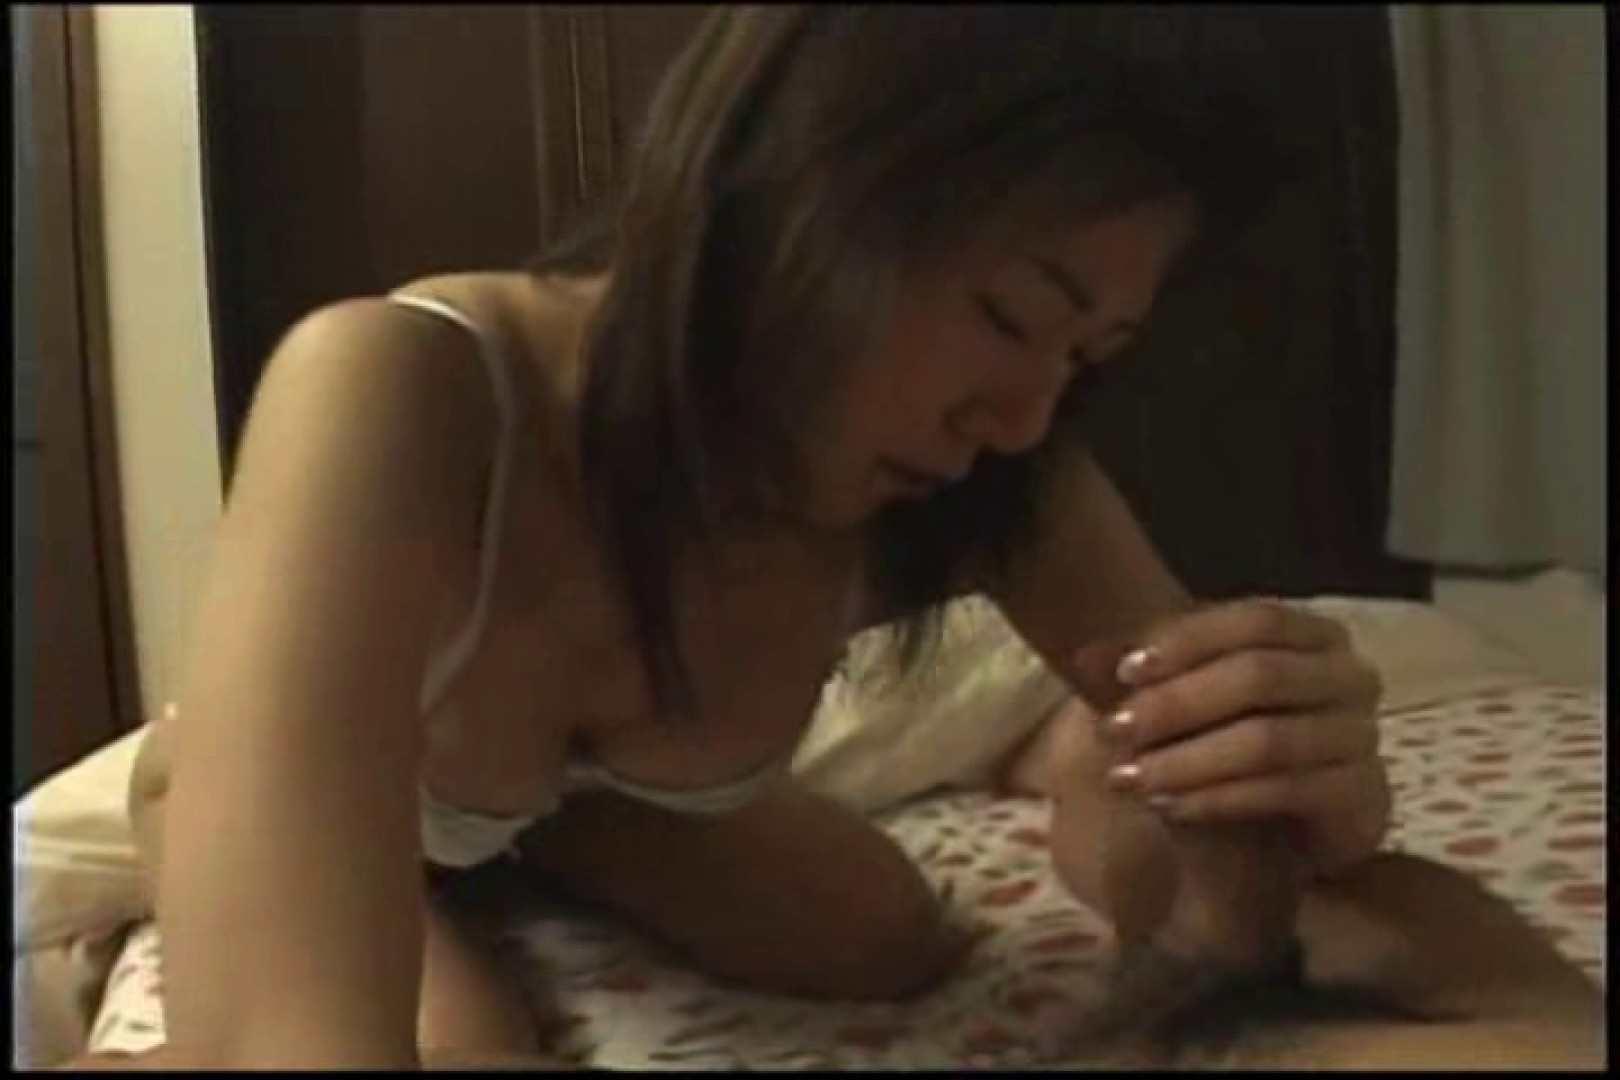 自慰行為中の乳首の起ちっぷりがセクシー 早川葉子 乳首  101pic 84